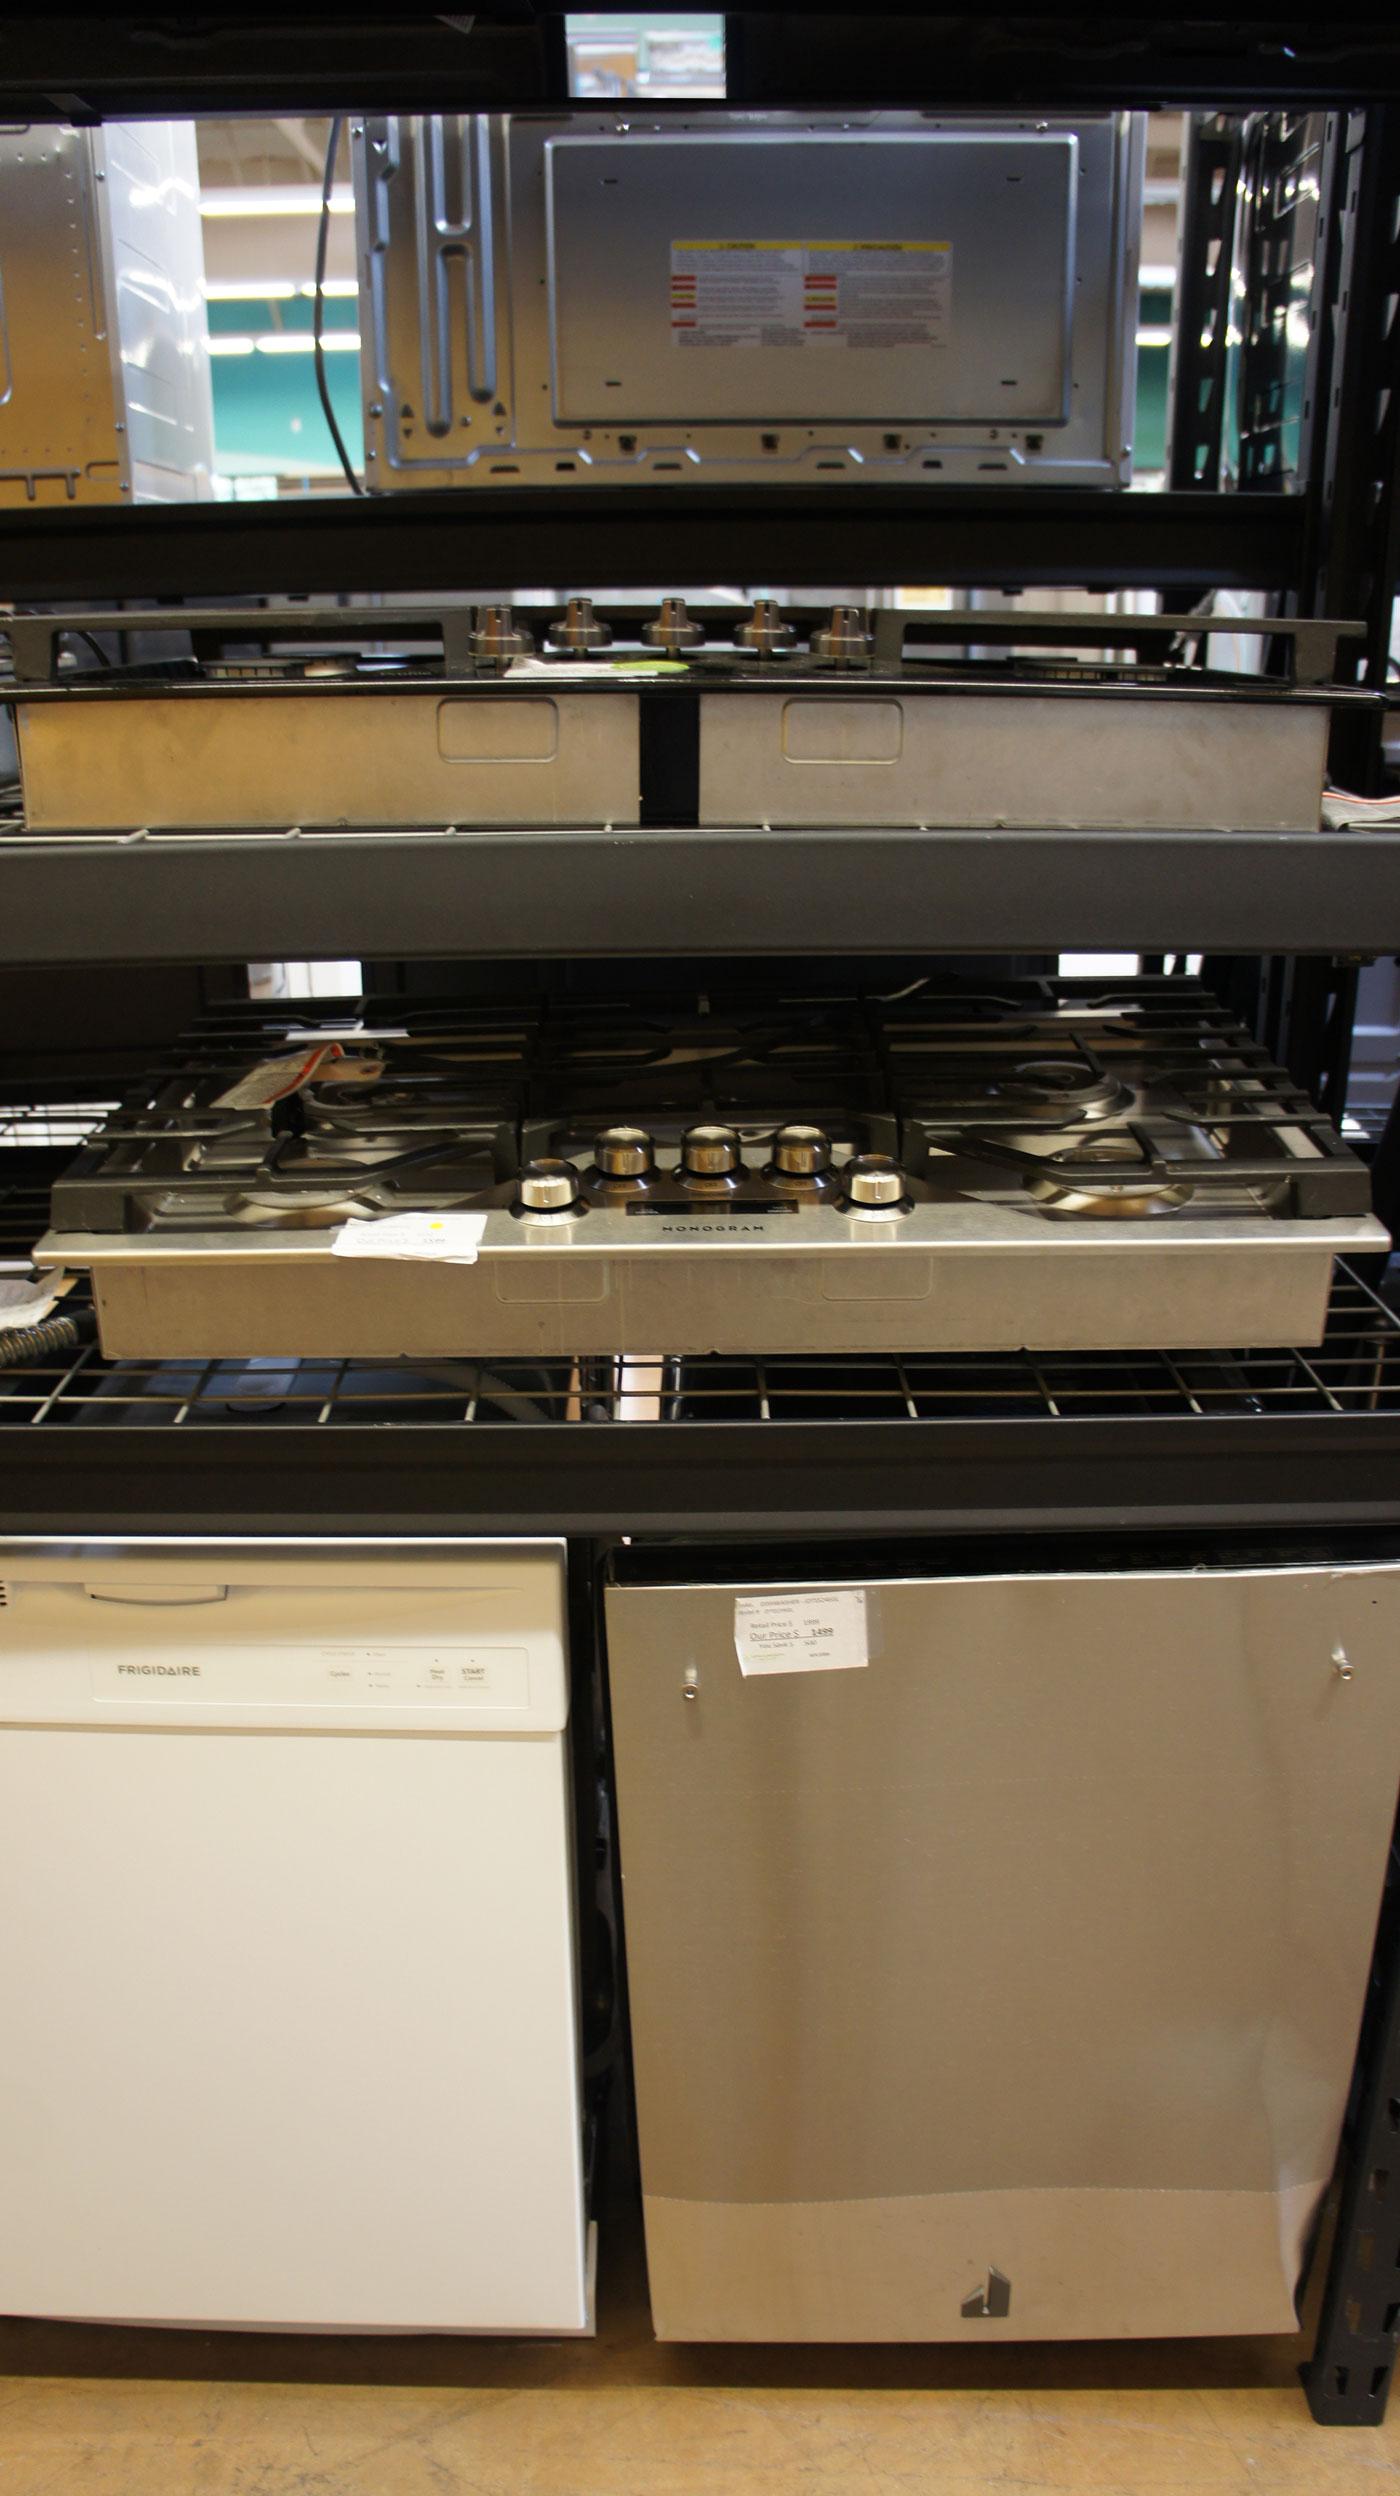 Monogram ZGU36ESLSS Gas Smart Cooktop